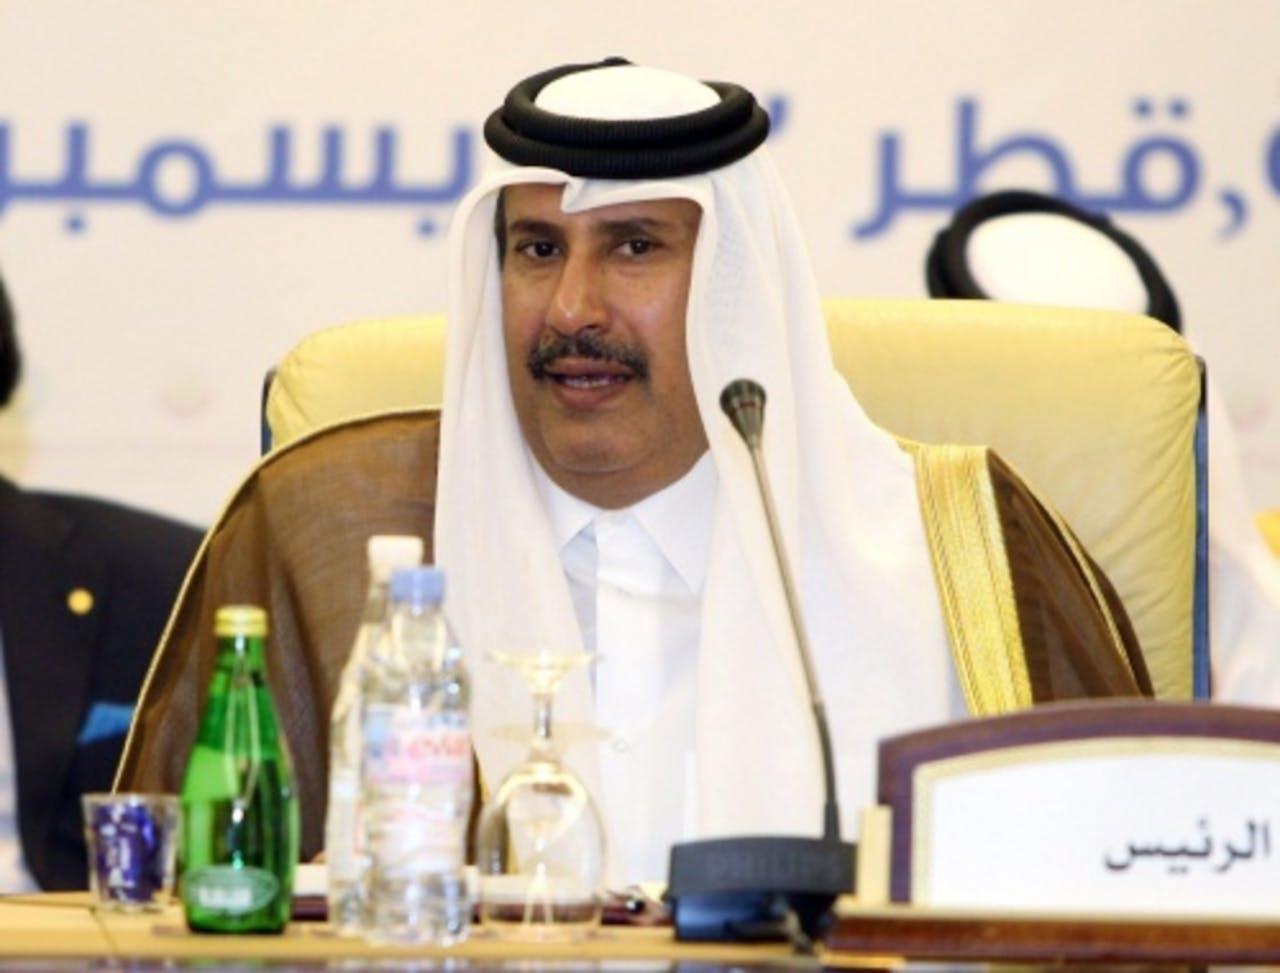 Sjeik Hamad bin Jassim al-Thani. EPA